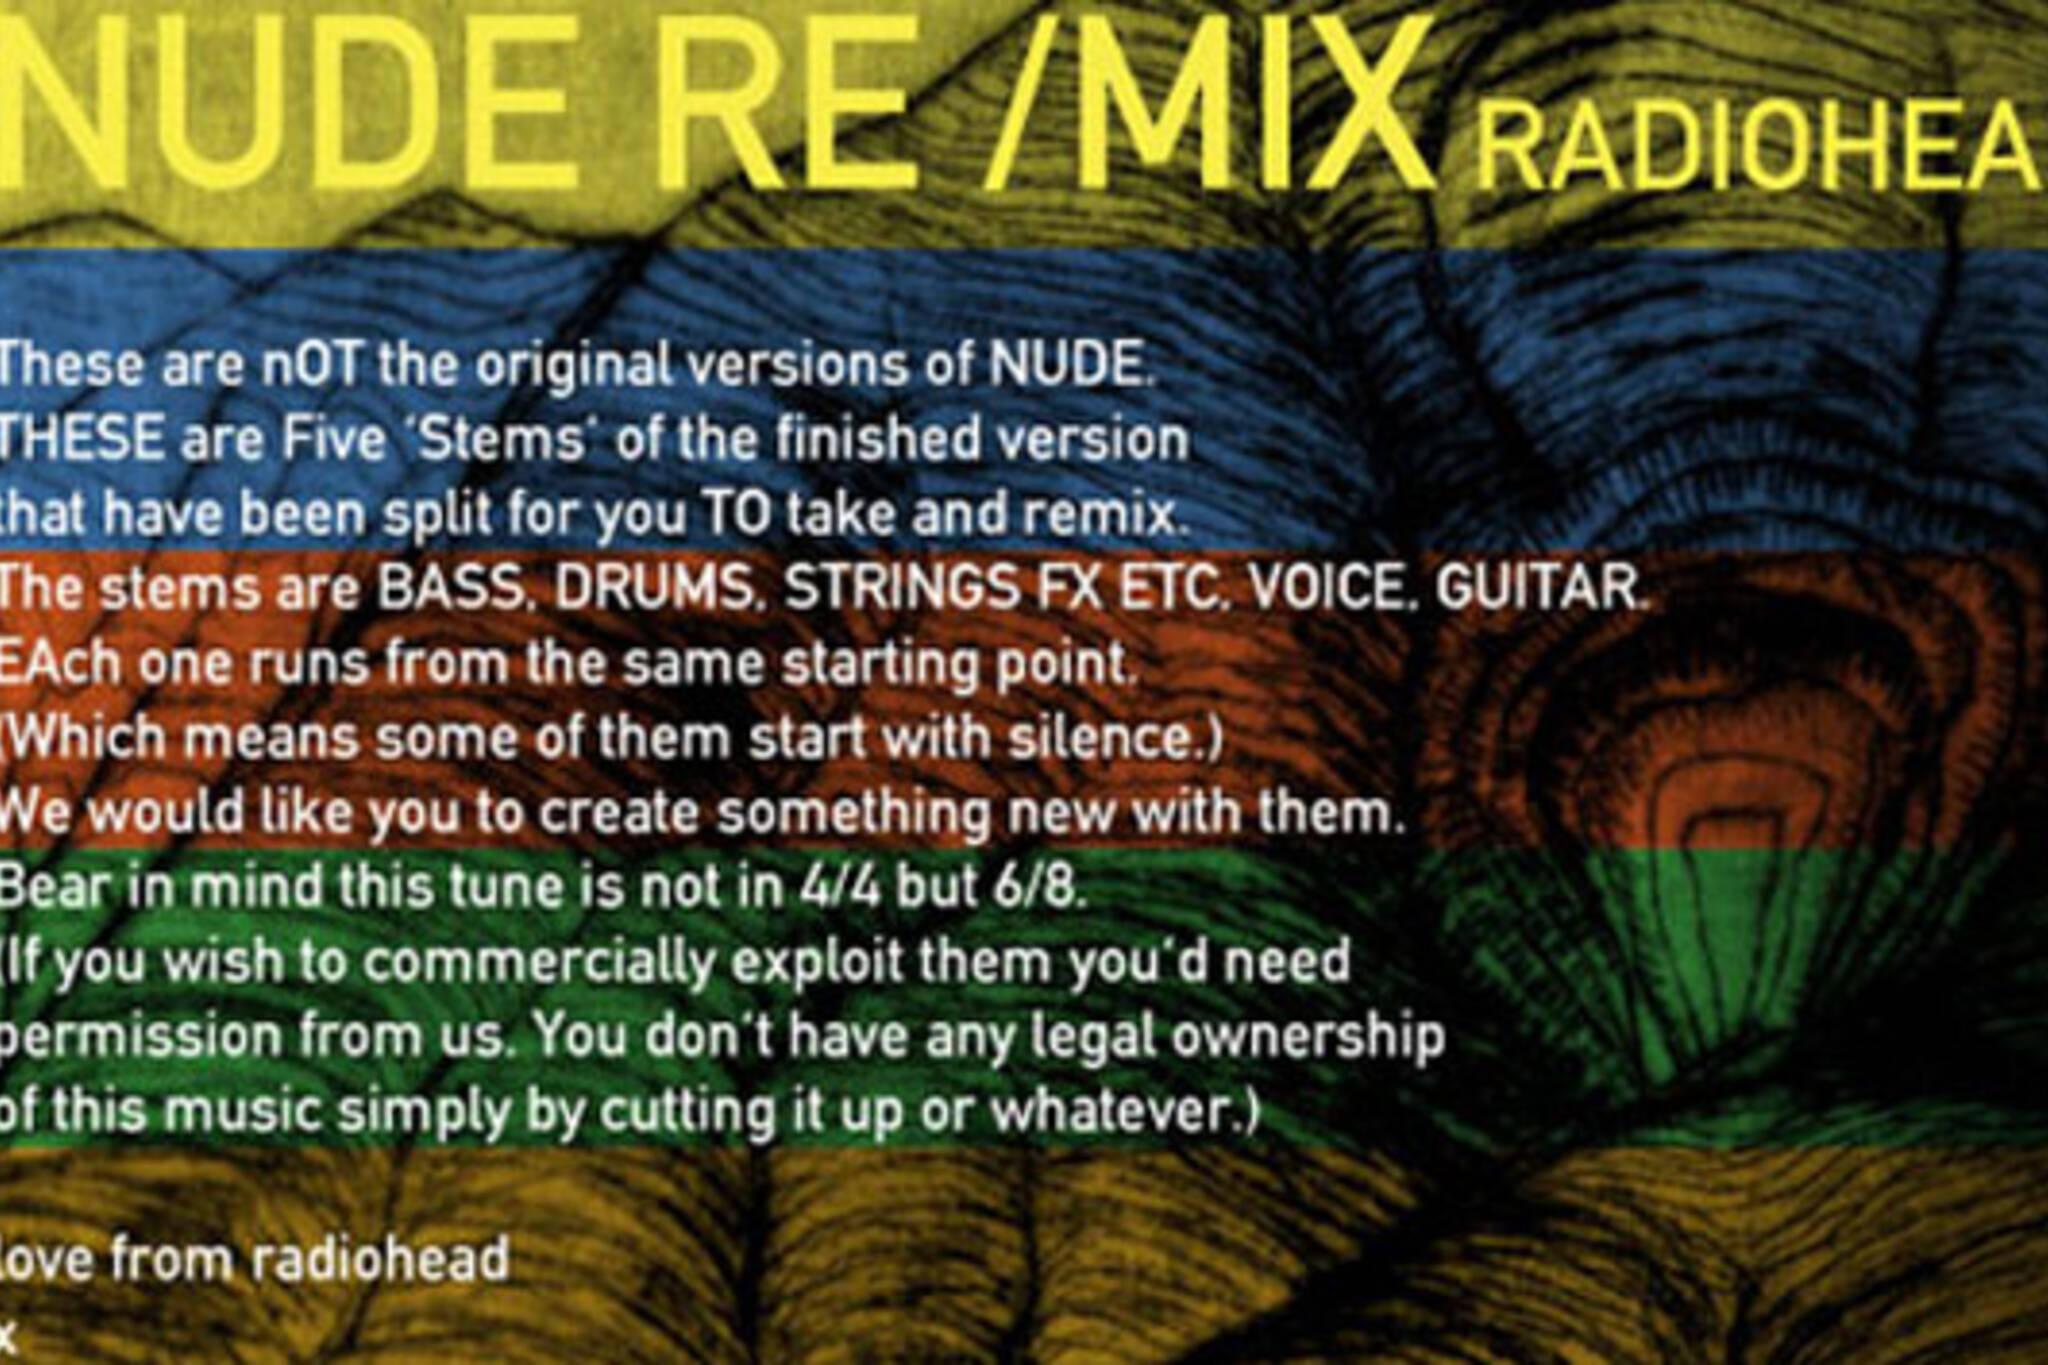 Some of Toronto's Finest Remix Radiohead